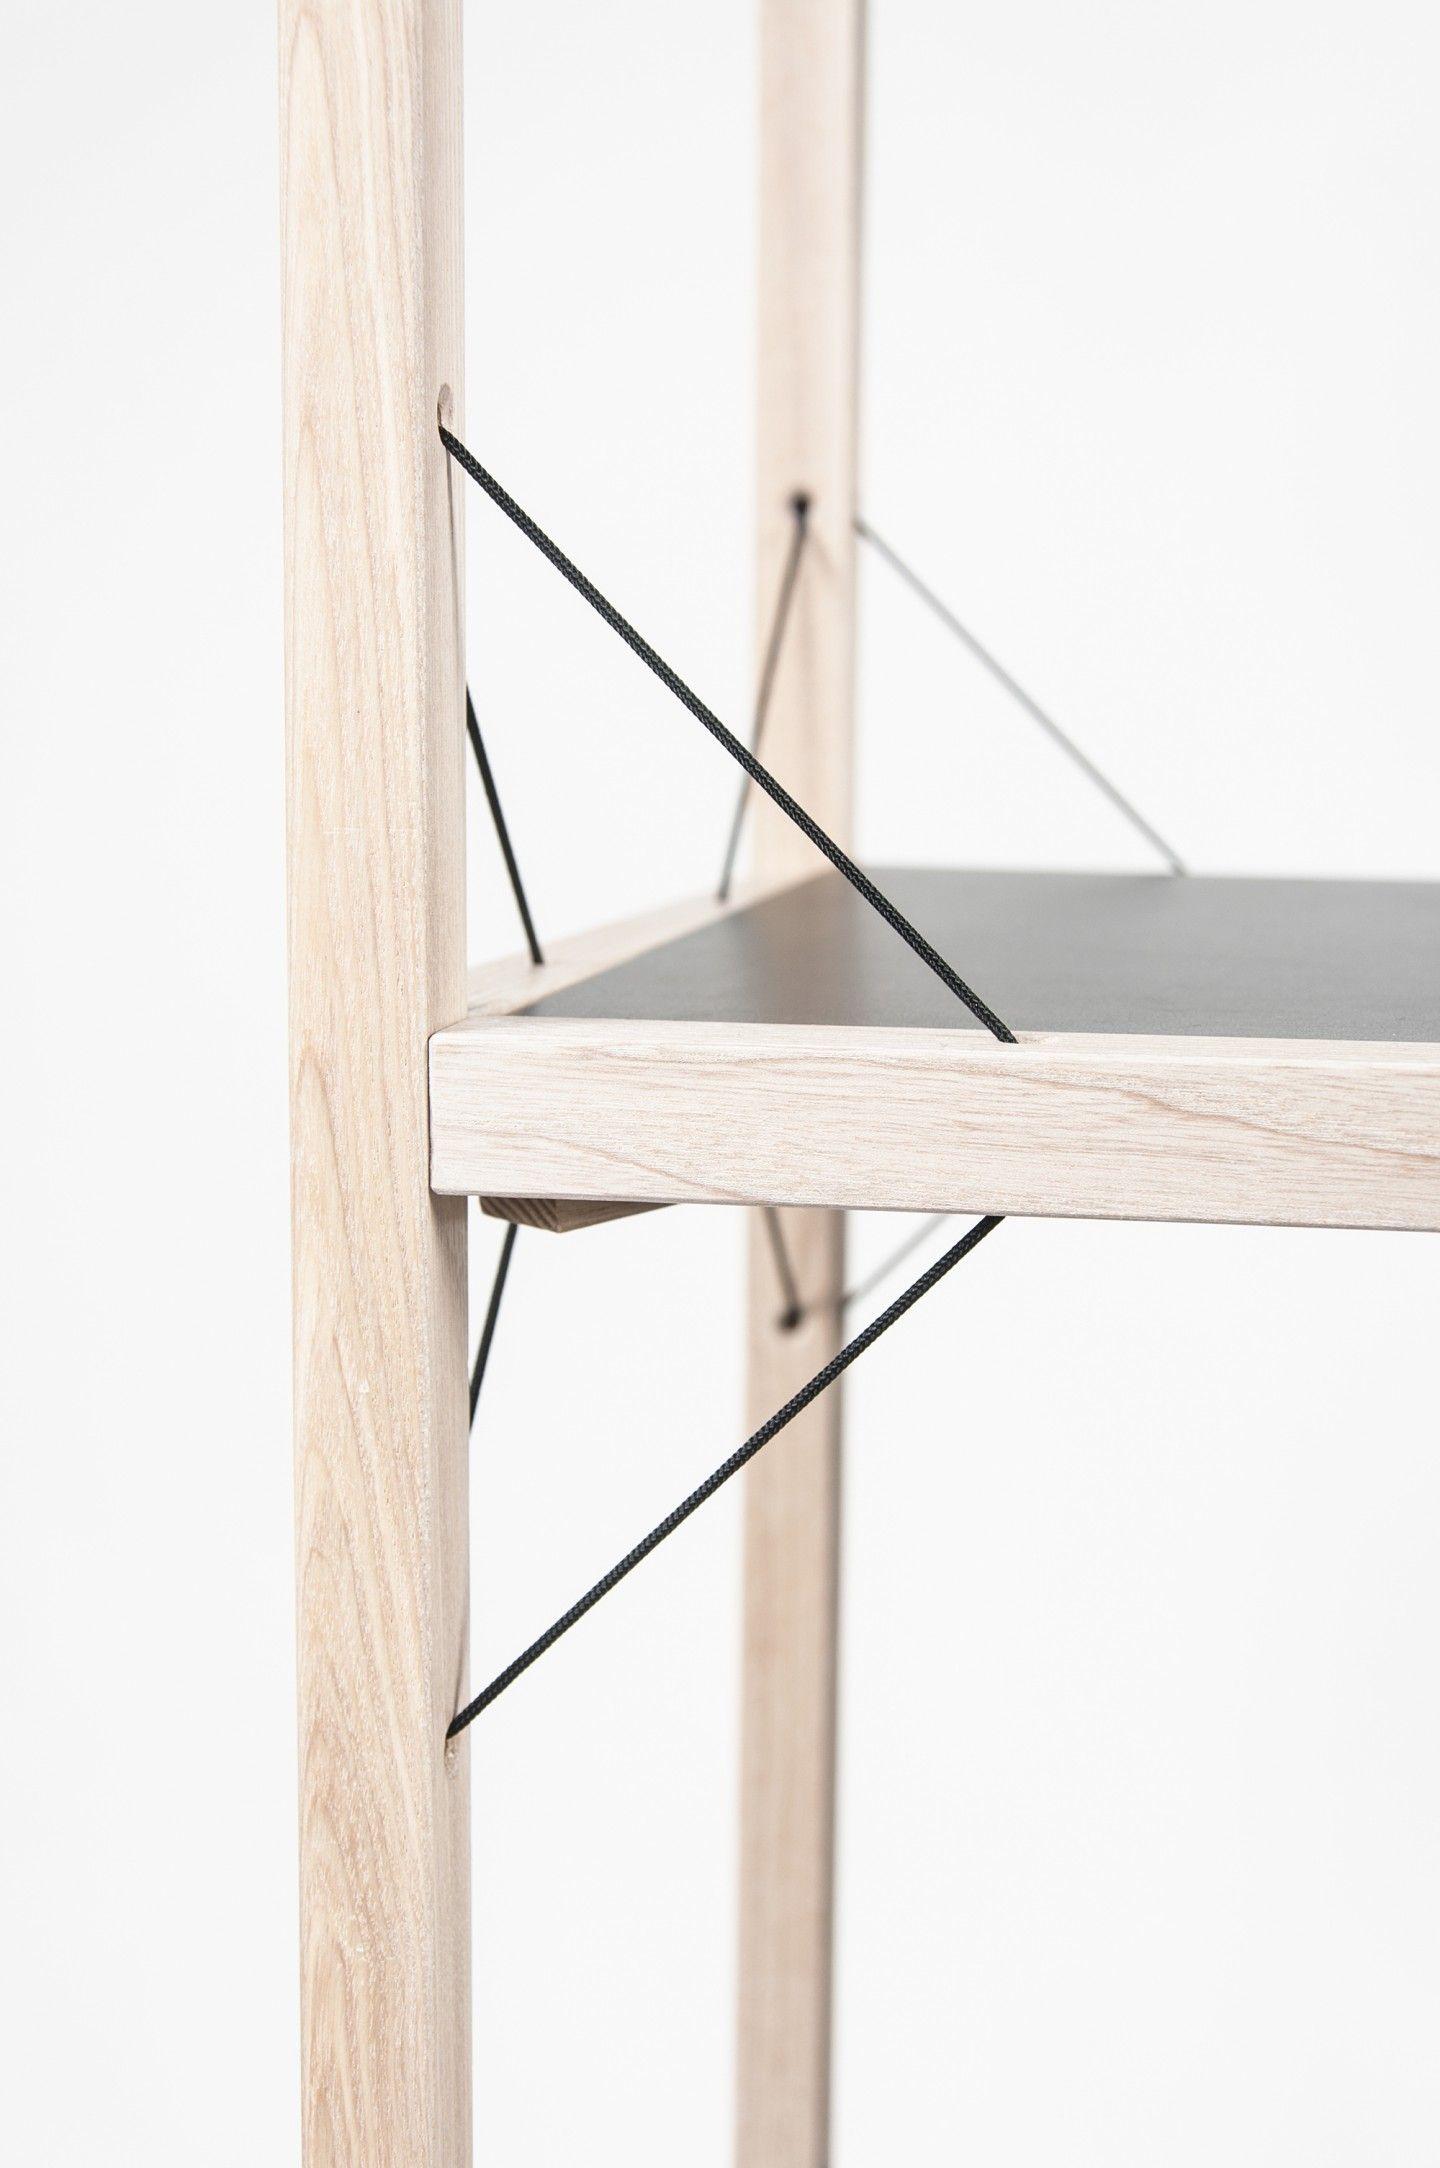 Loeserbettels ist ein Design Büro / Studio mit Sitz in Halle / Saale ...